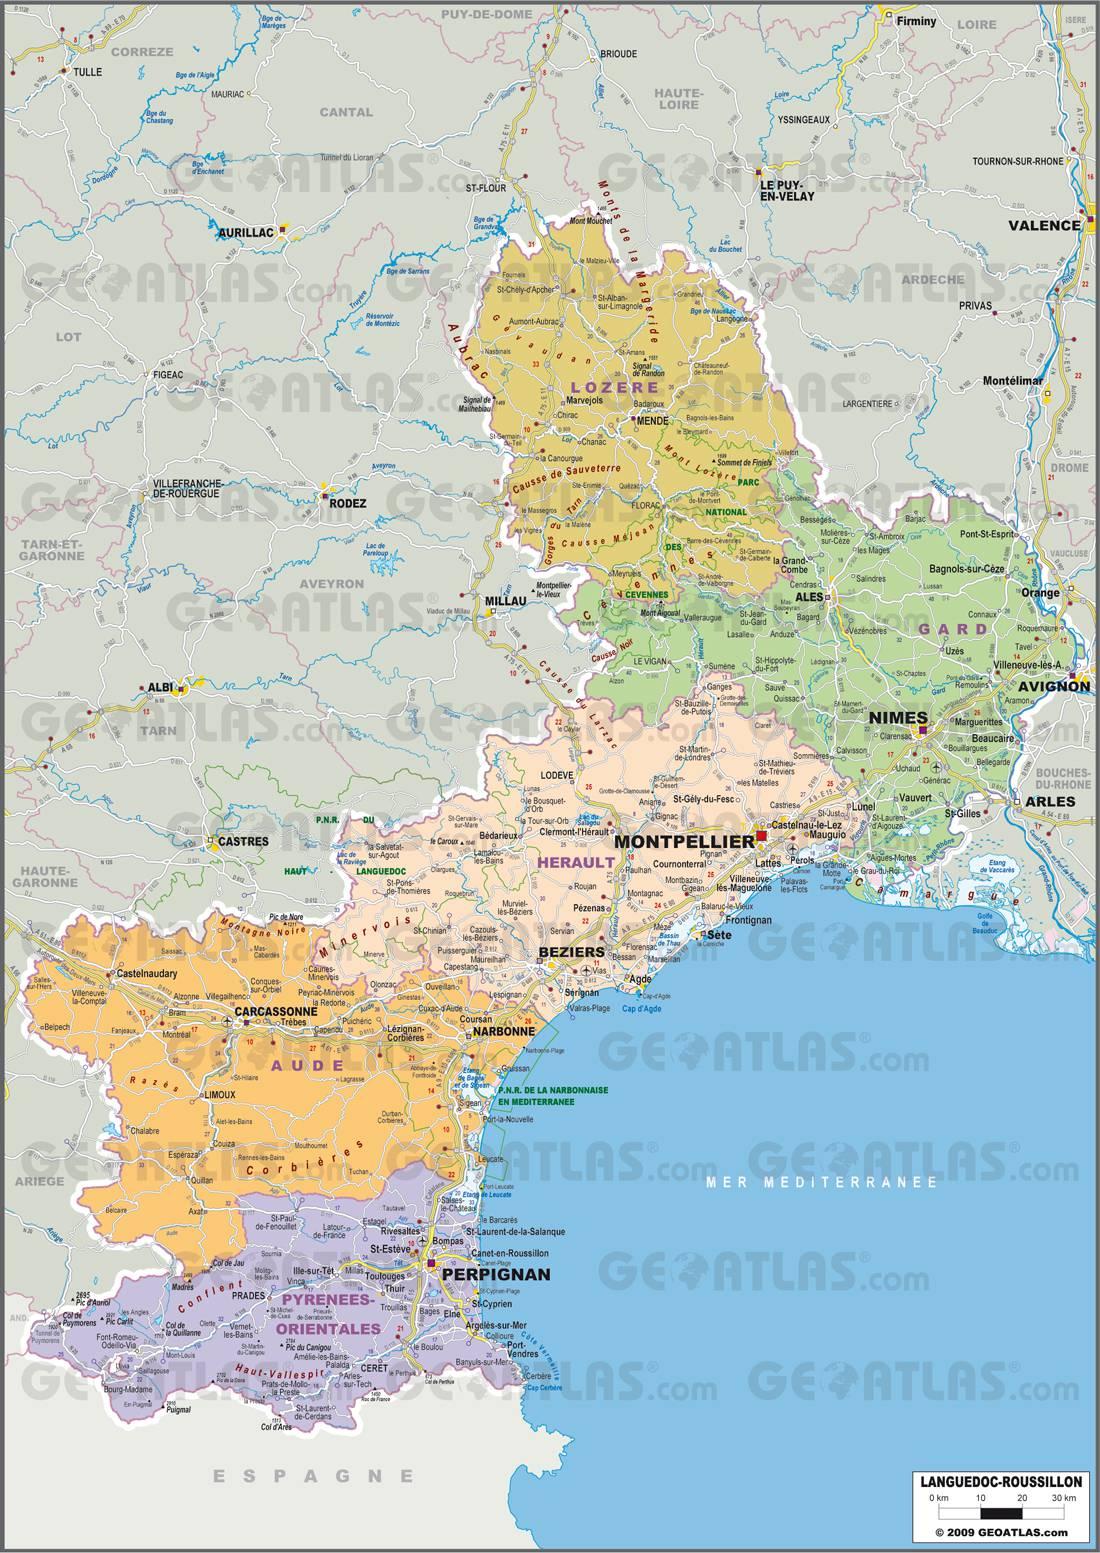 Carte administrative du Languedoc-Roussillon